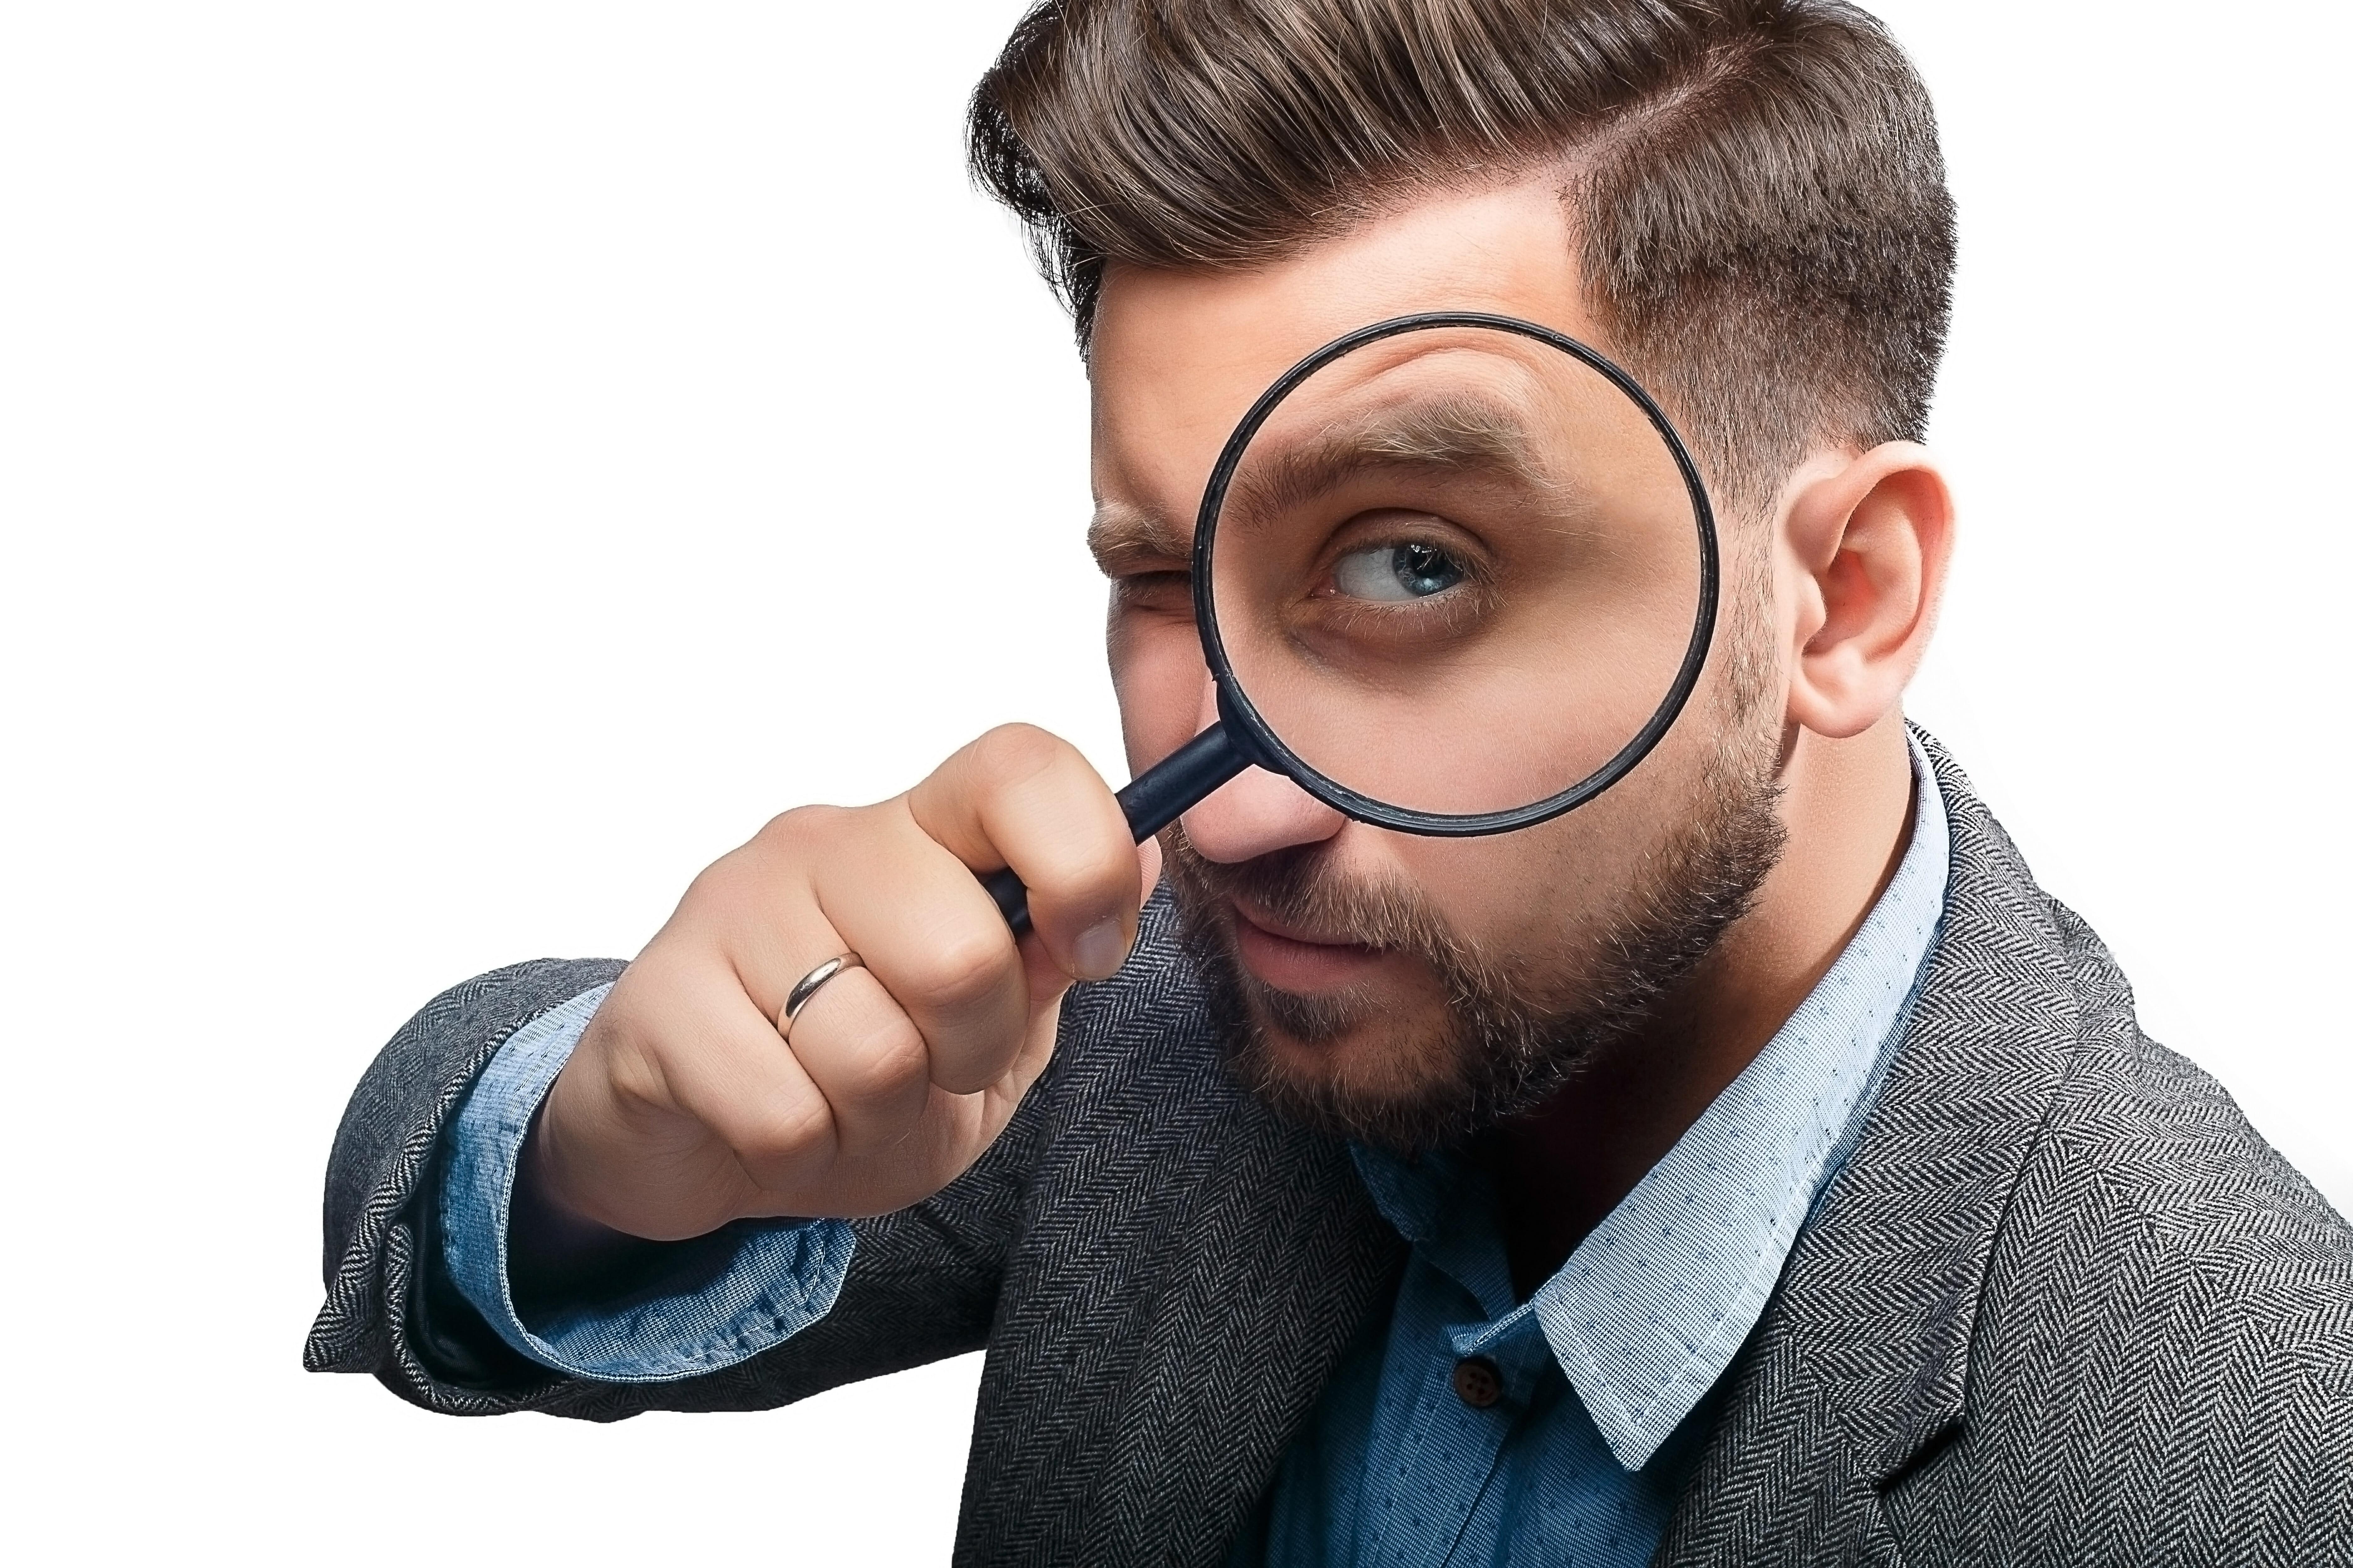 虫眼鏡で覗く男性